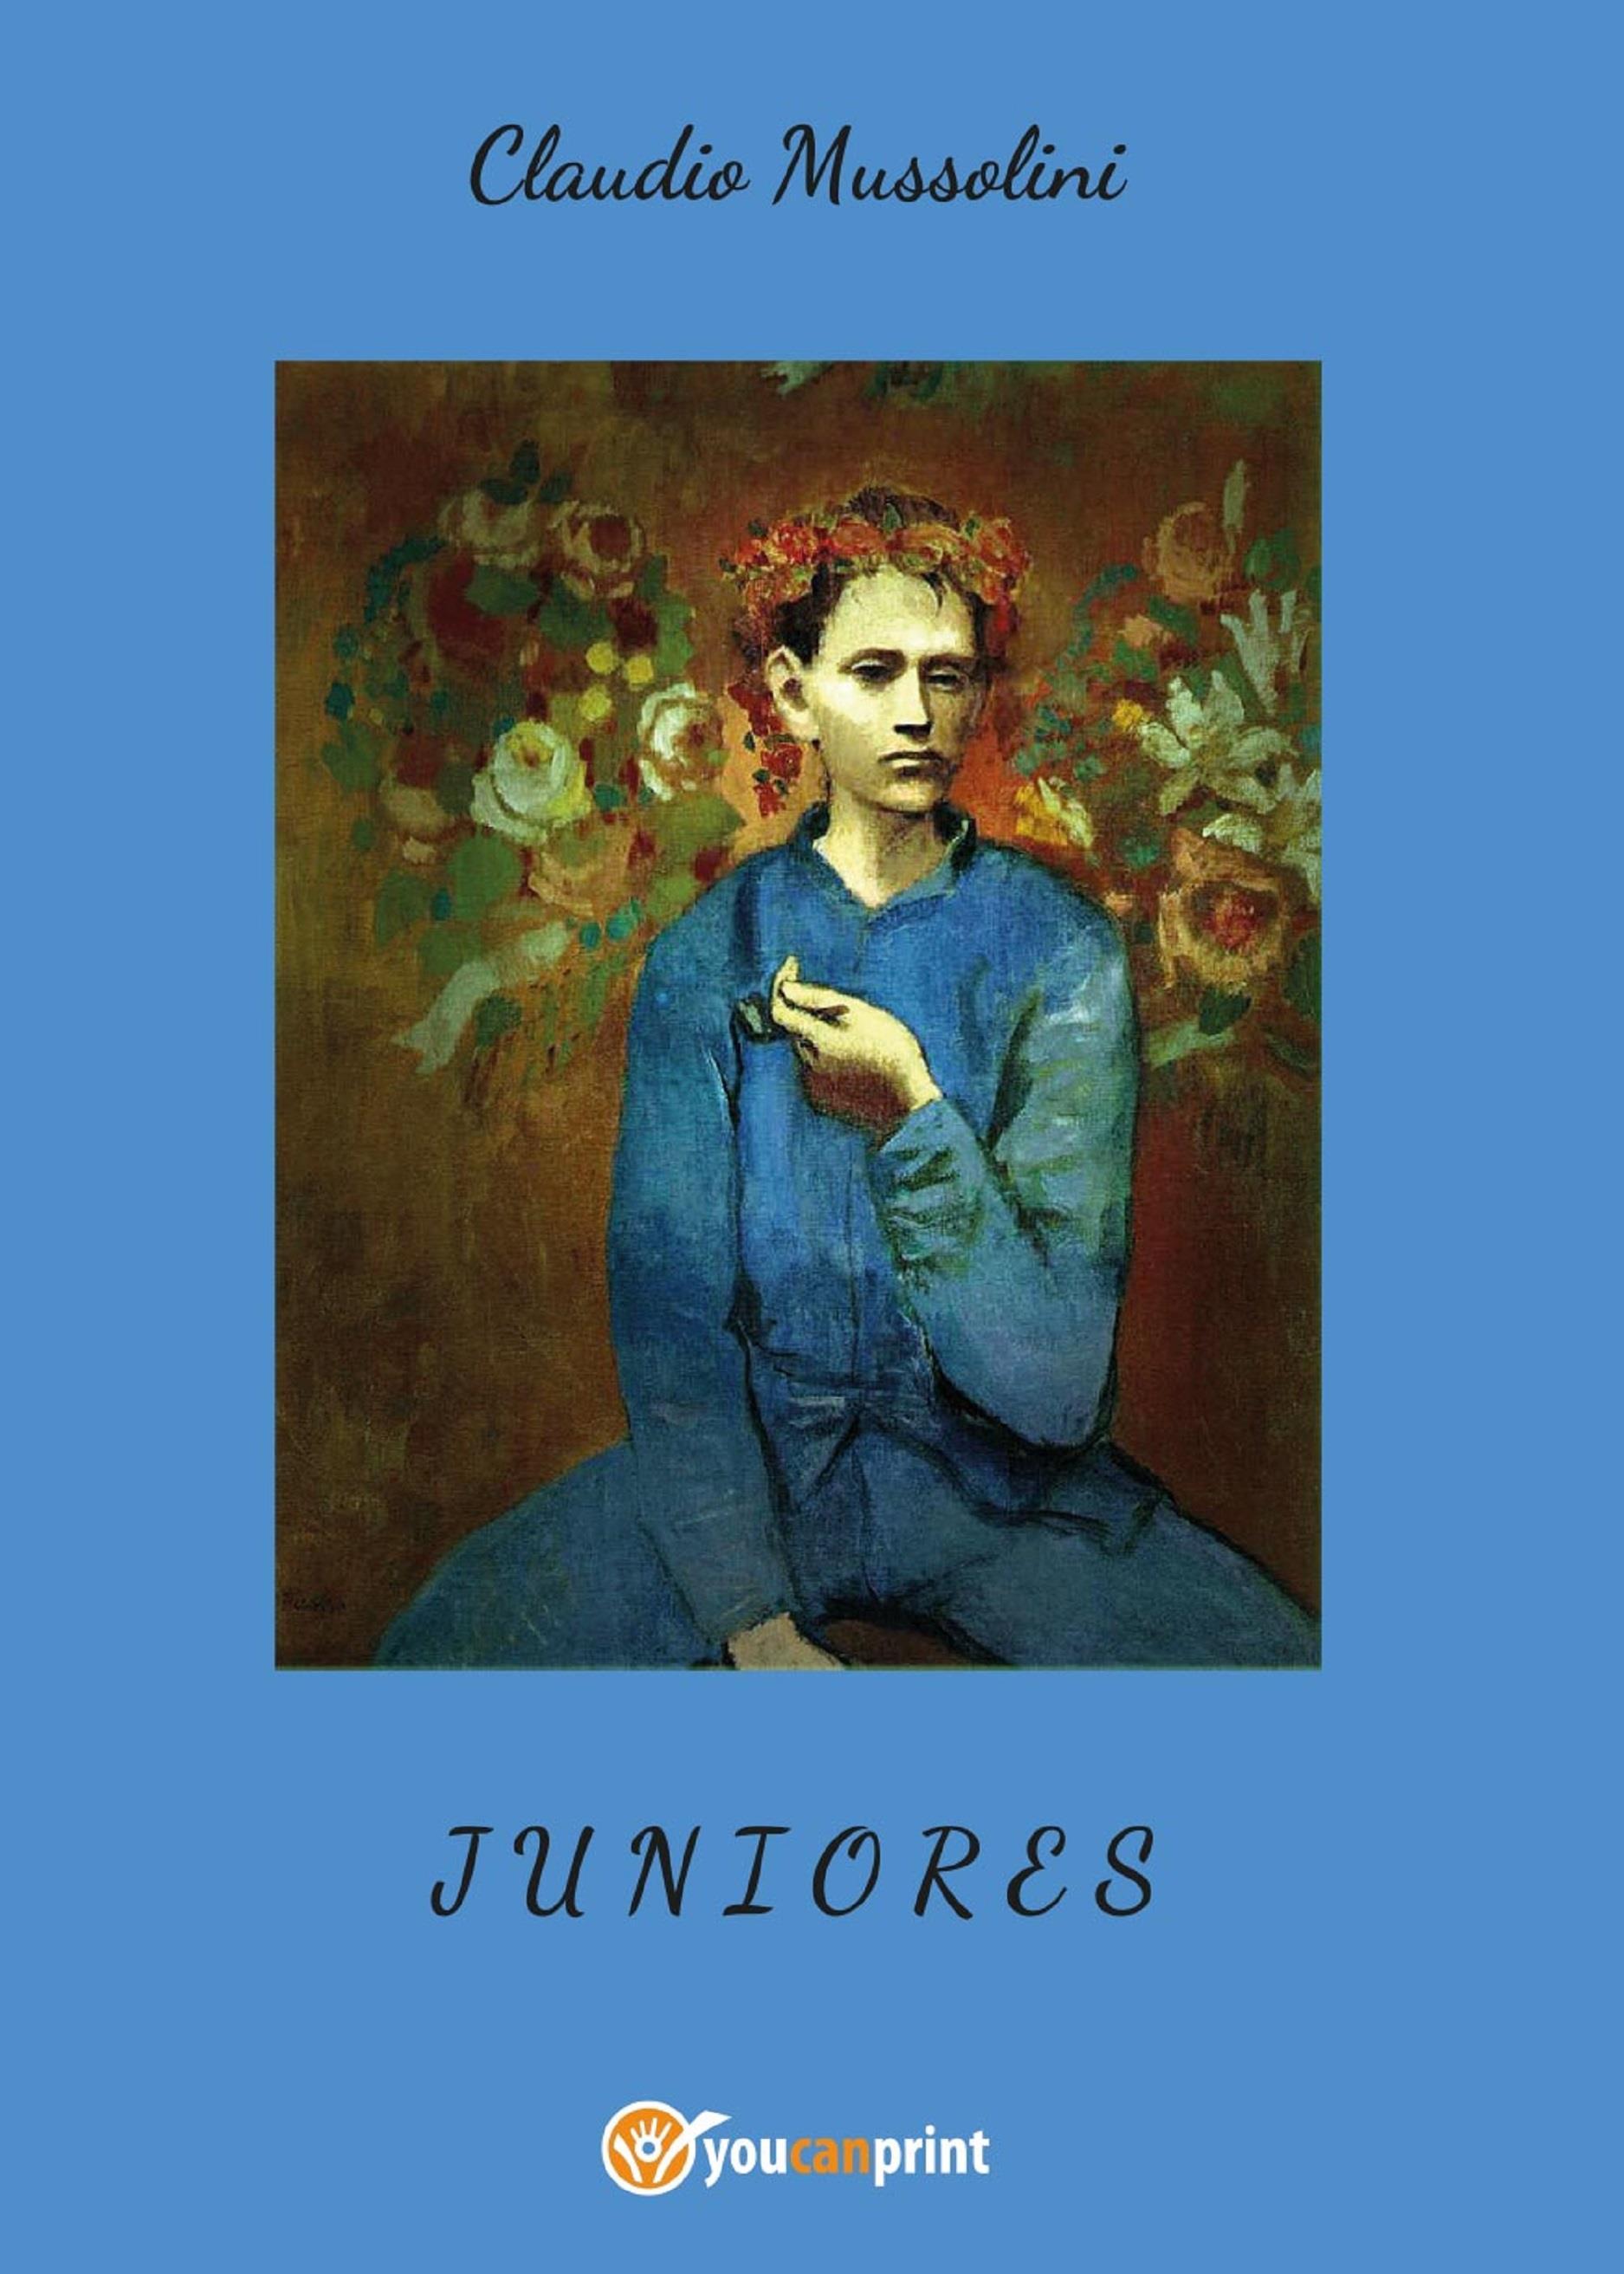 Juniores